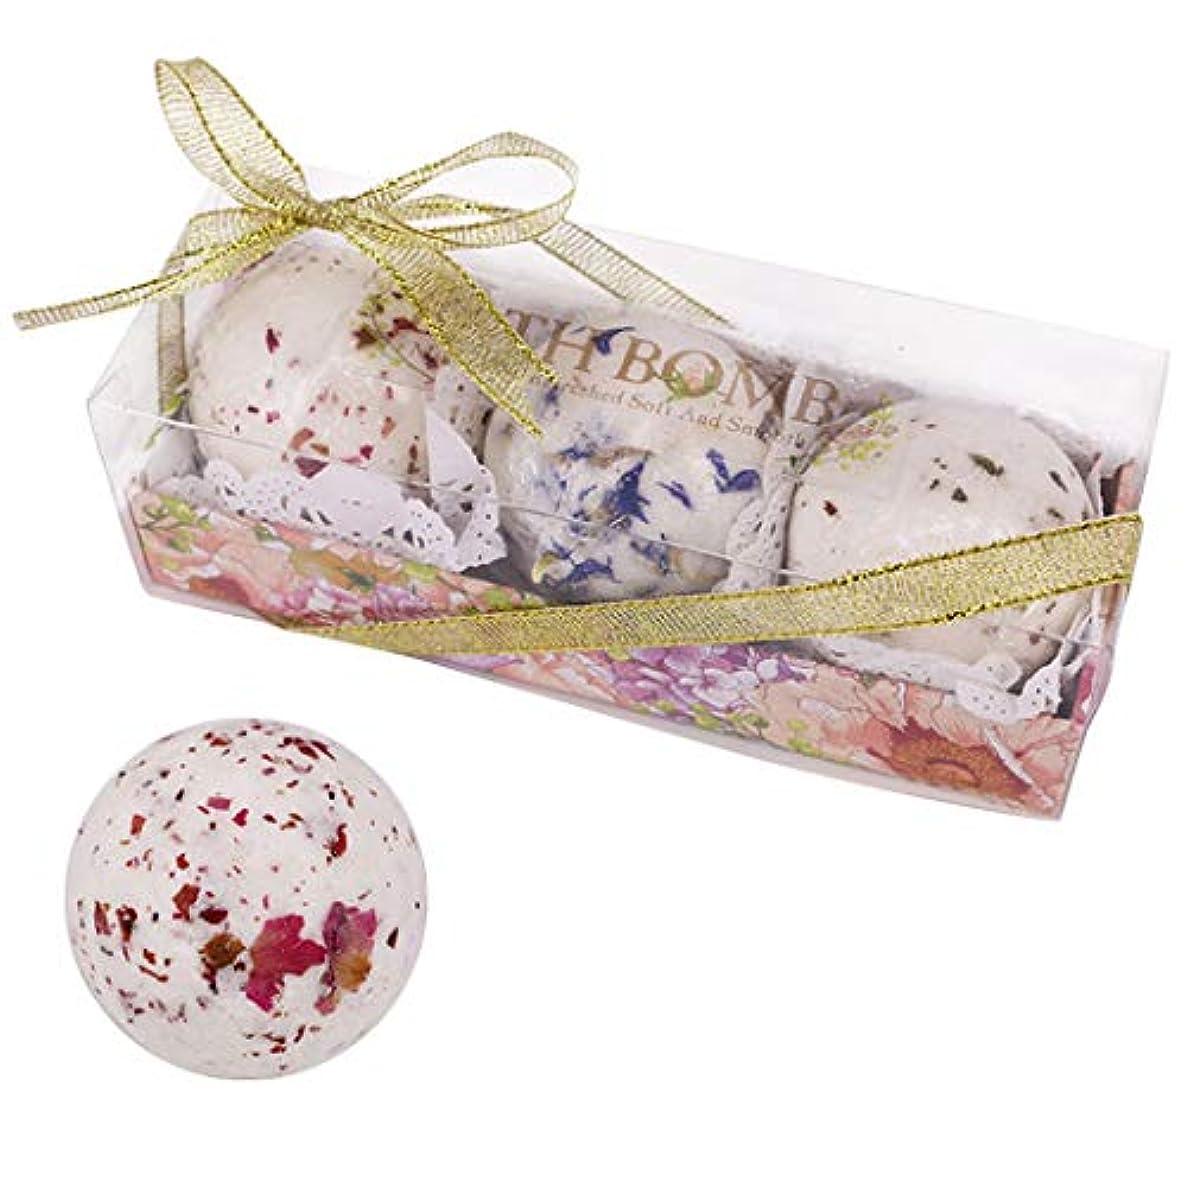 Funpa 3枚セット 入浴剤 丸い 干し花 香り 可愛い 豊富泡 スキンケア 女性 彼女へのプレゼント バレンタインデー お風呂 塩ボール 疲れを解消